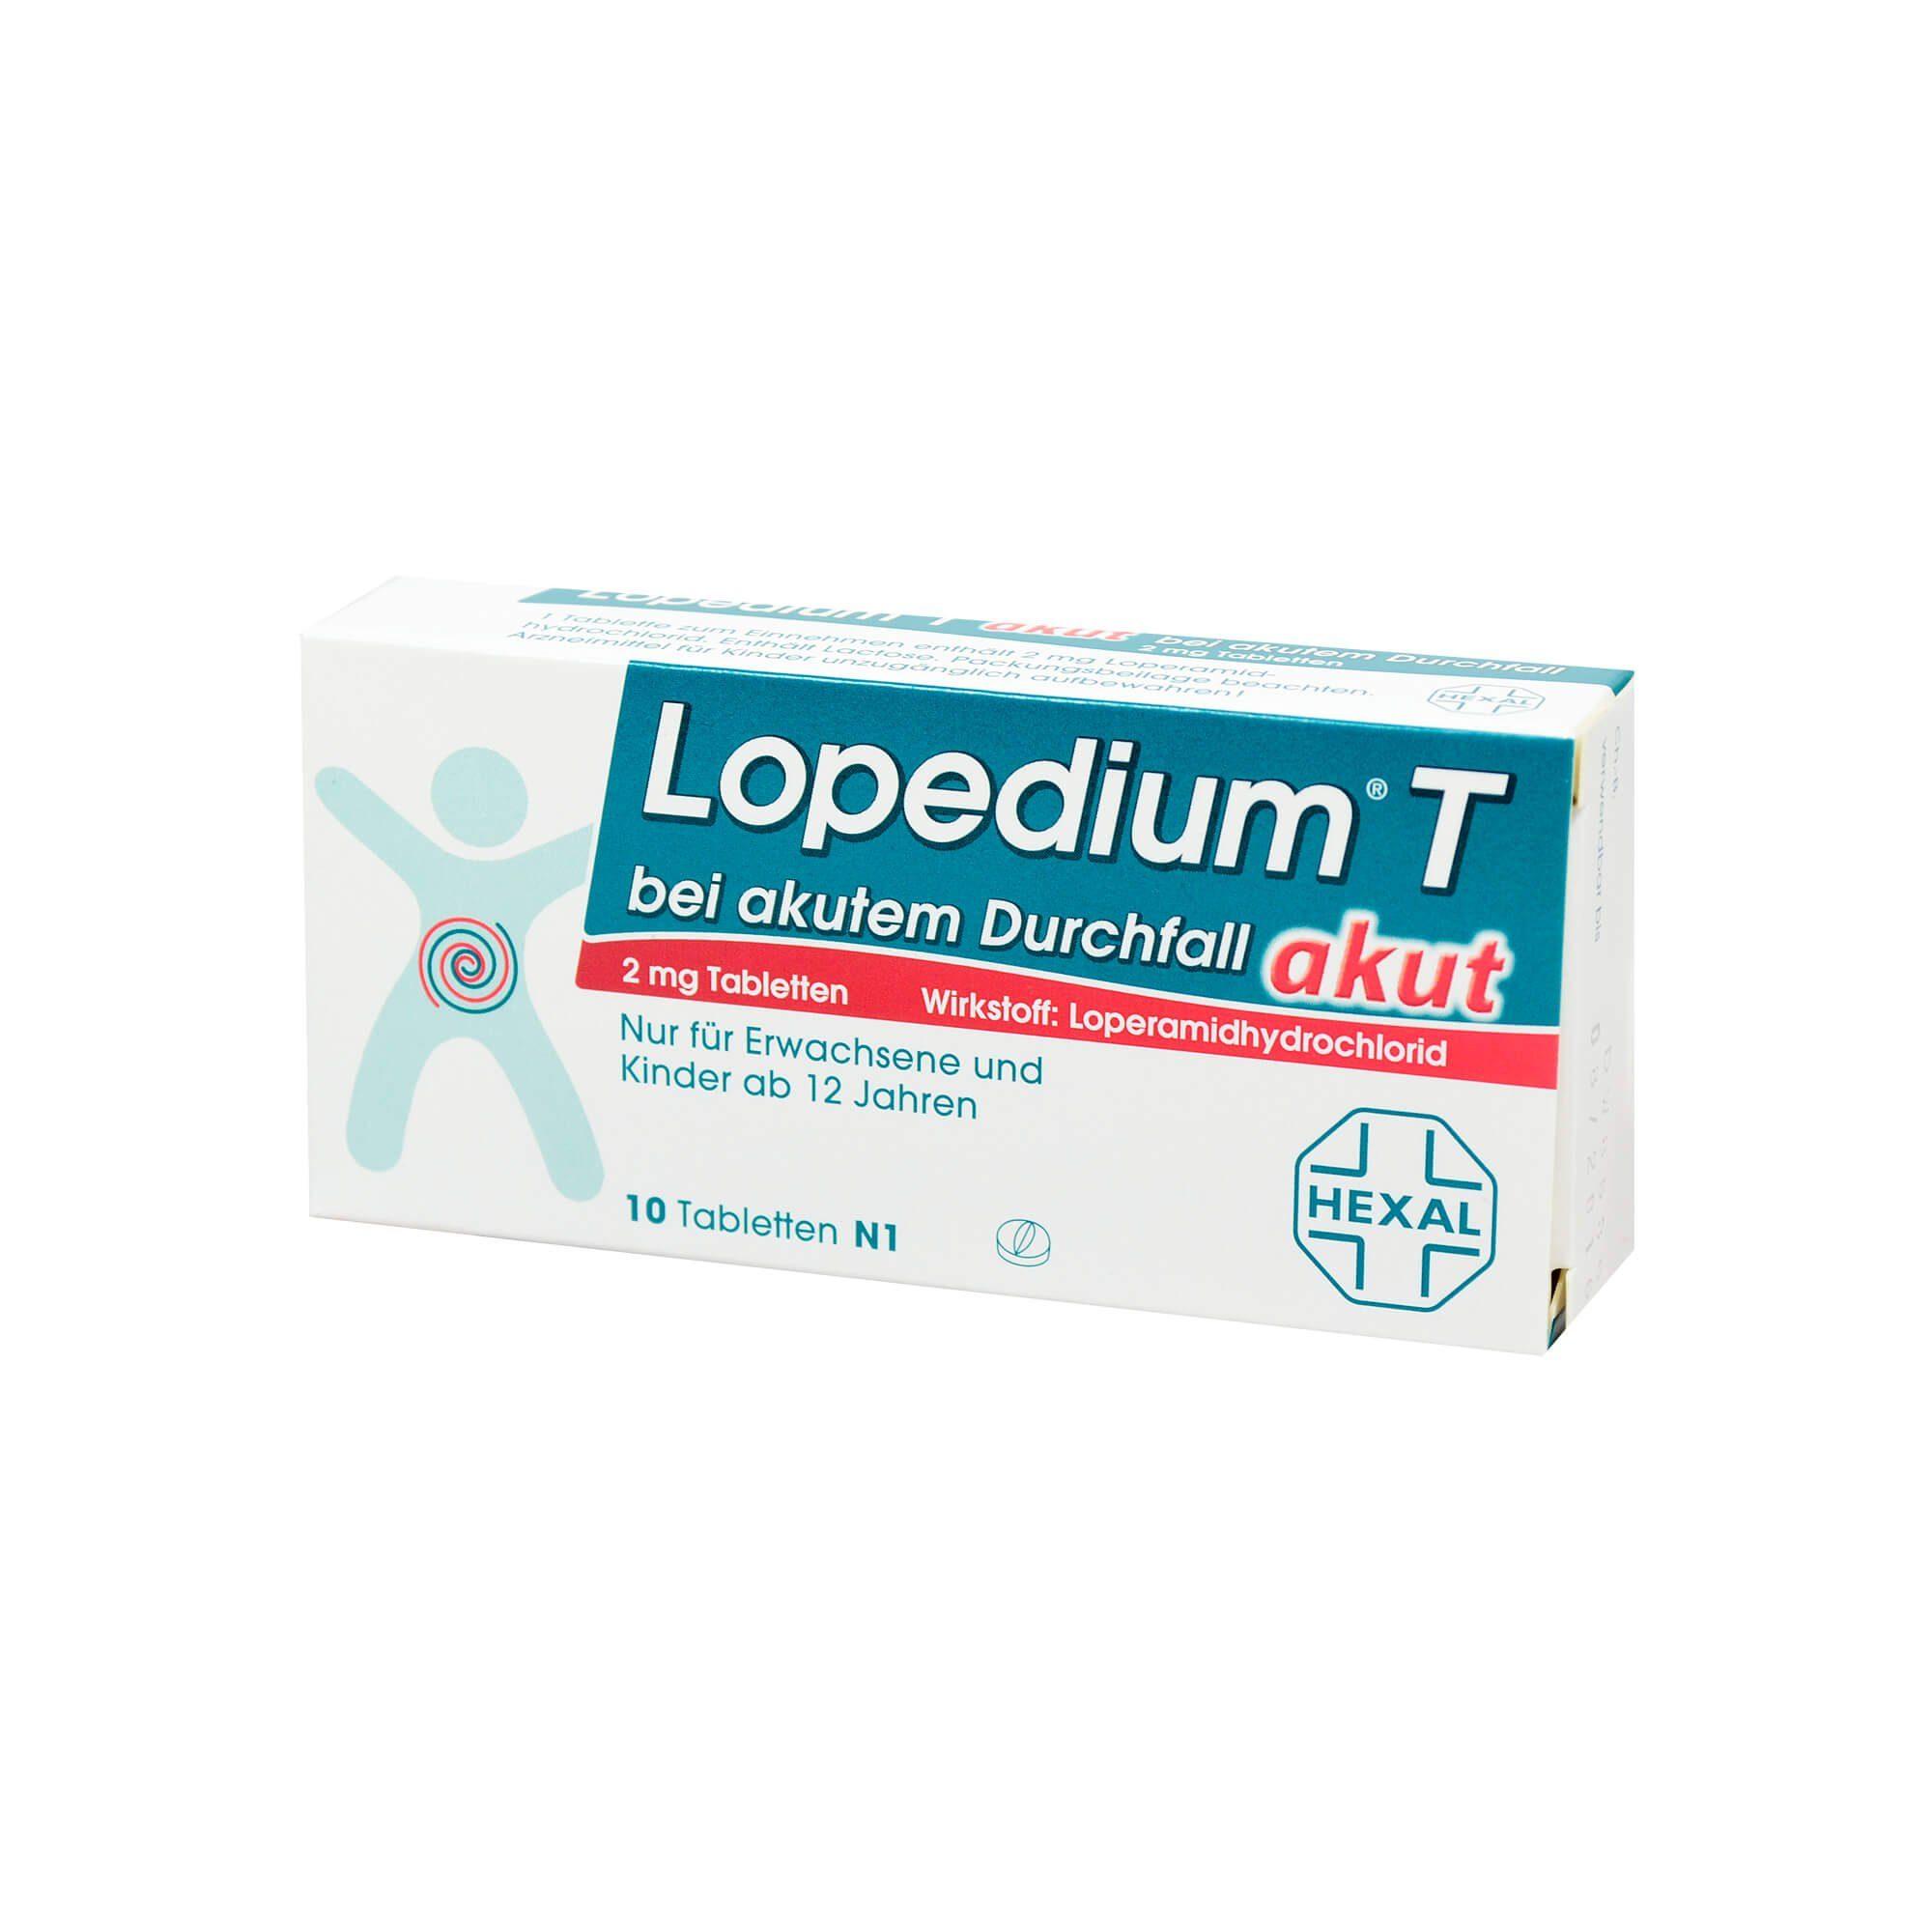 Lopedium T akut bei akutem Durchfall, 10 St